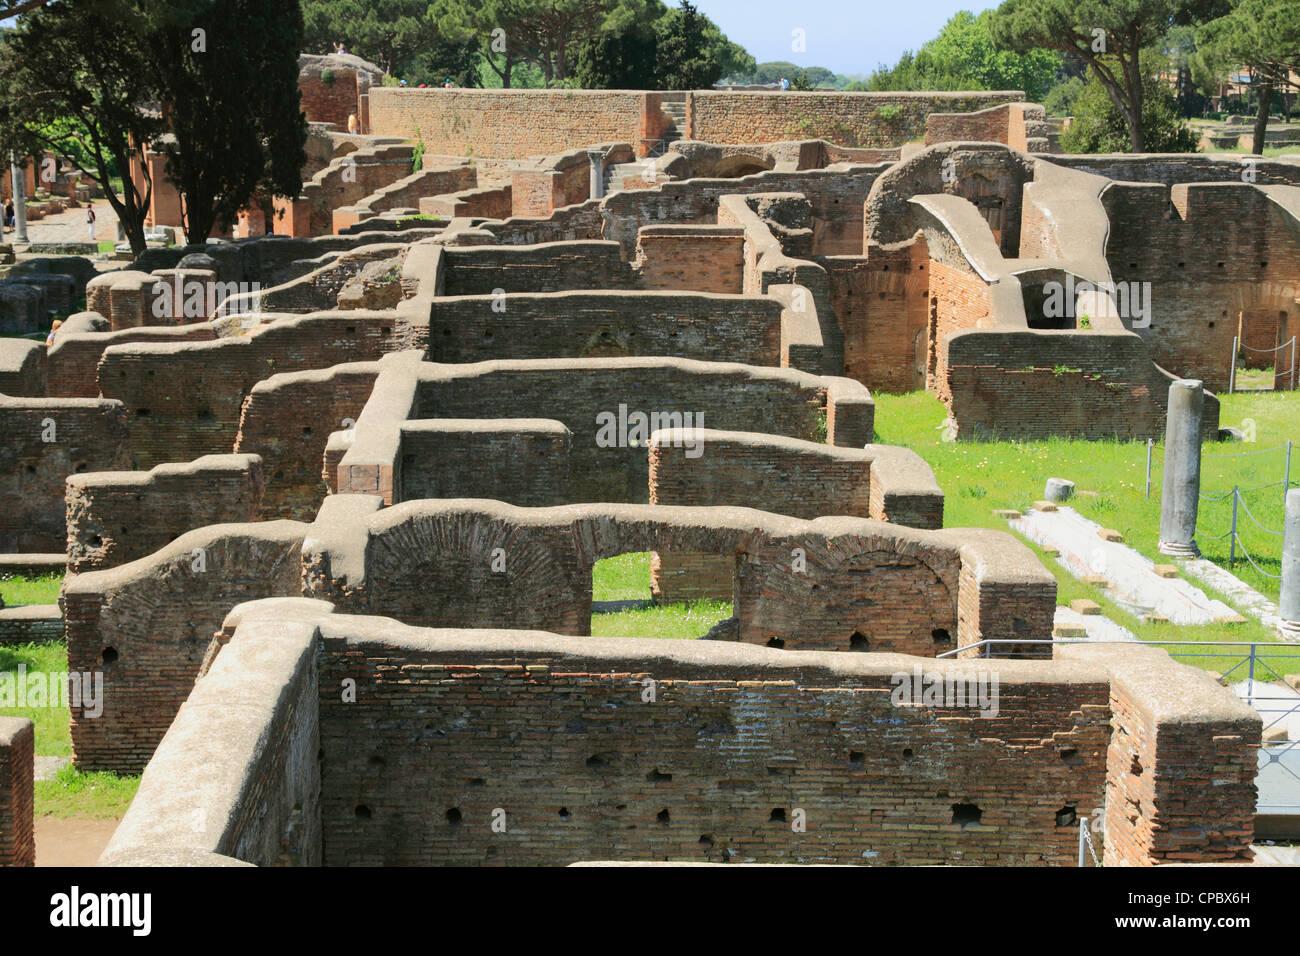 Italy Latium Ostia Antica overview - Stock Image